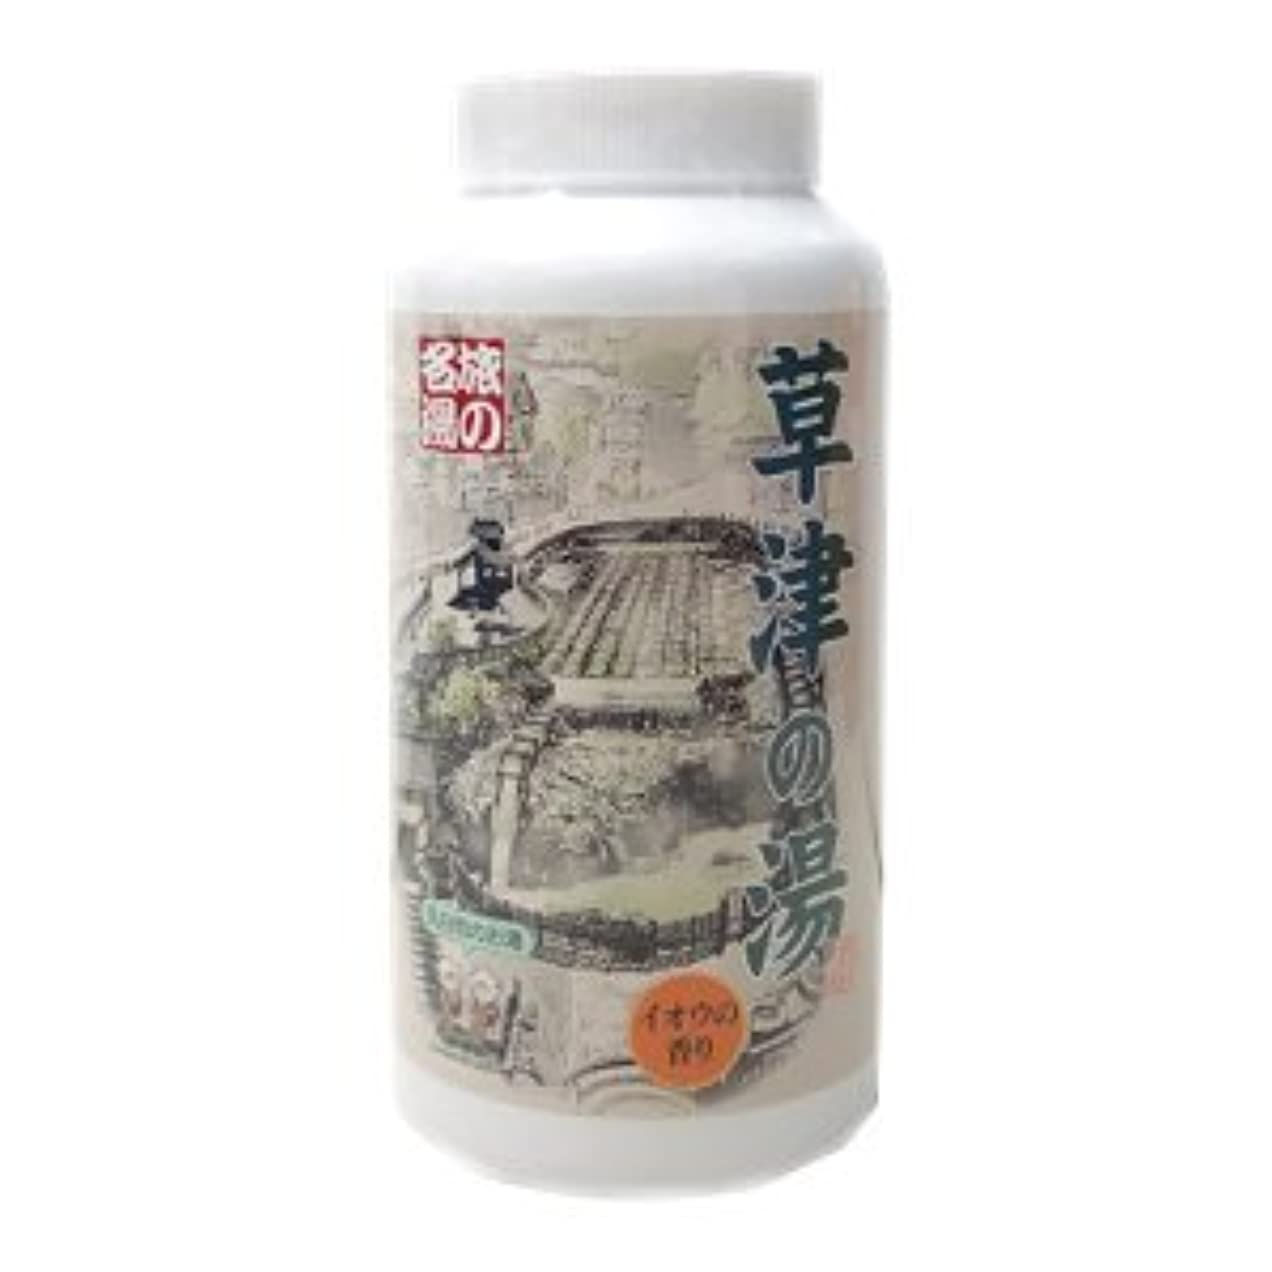 ライトニングマイコン加速する草津の湯入浴剤 『イオウの香り』 乳白色のお湯 500g 20回分